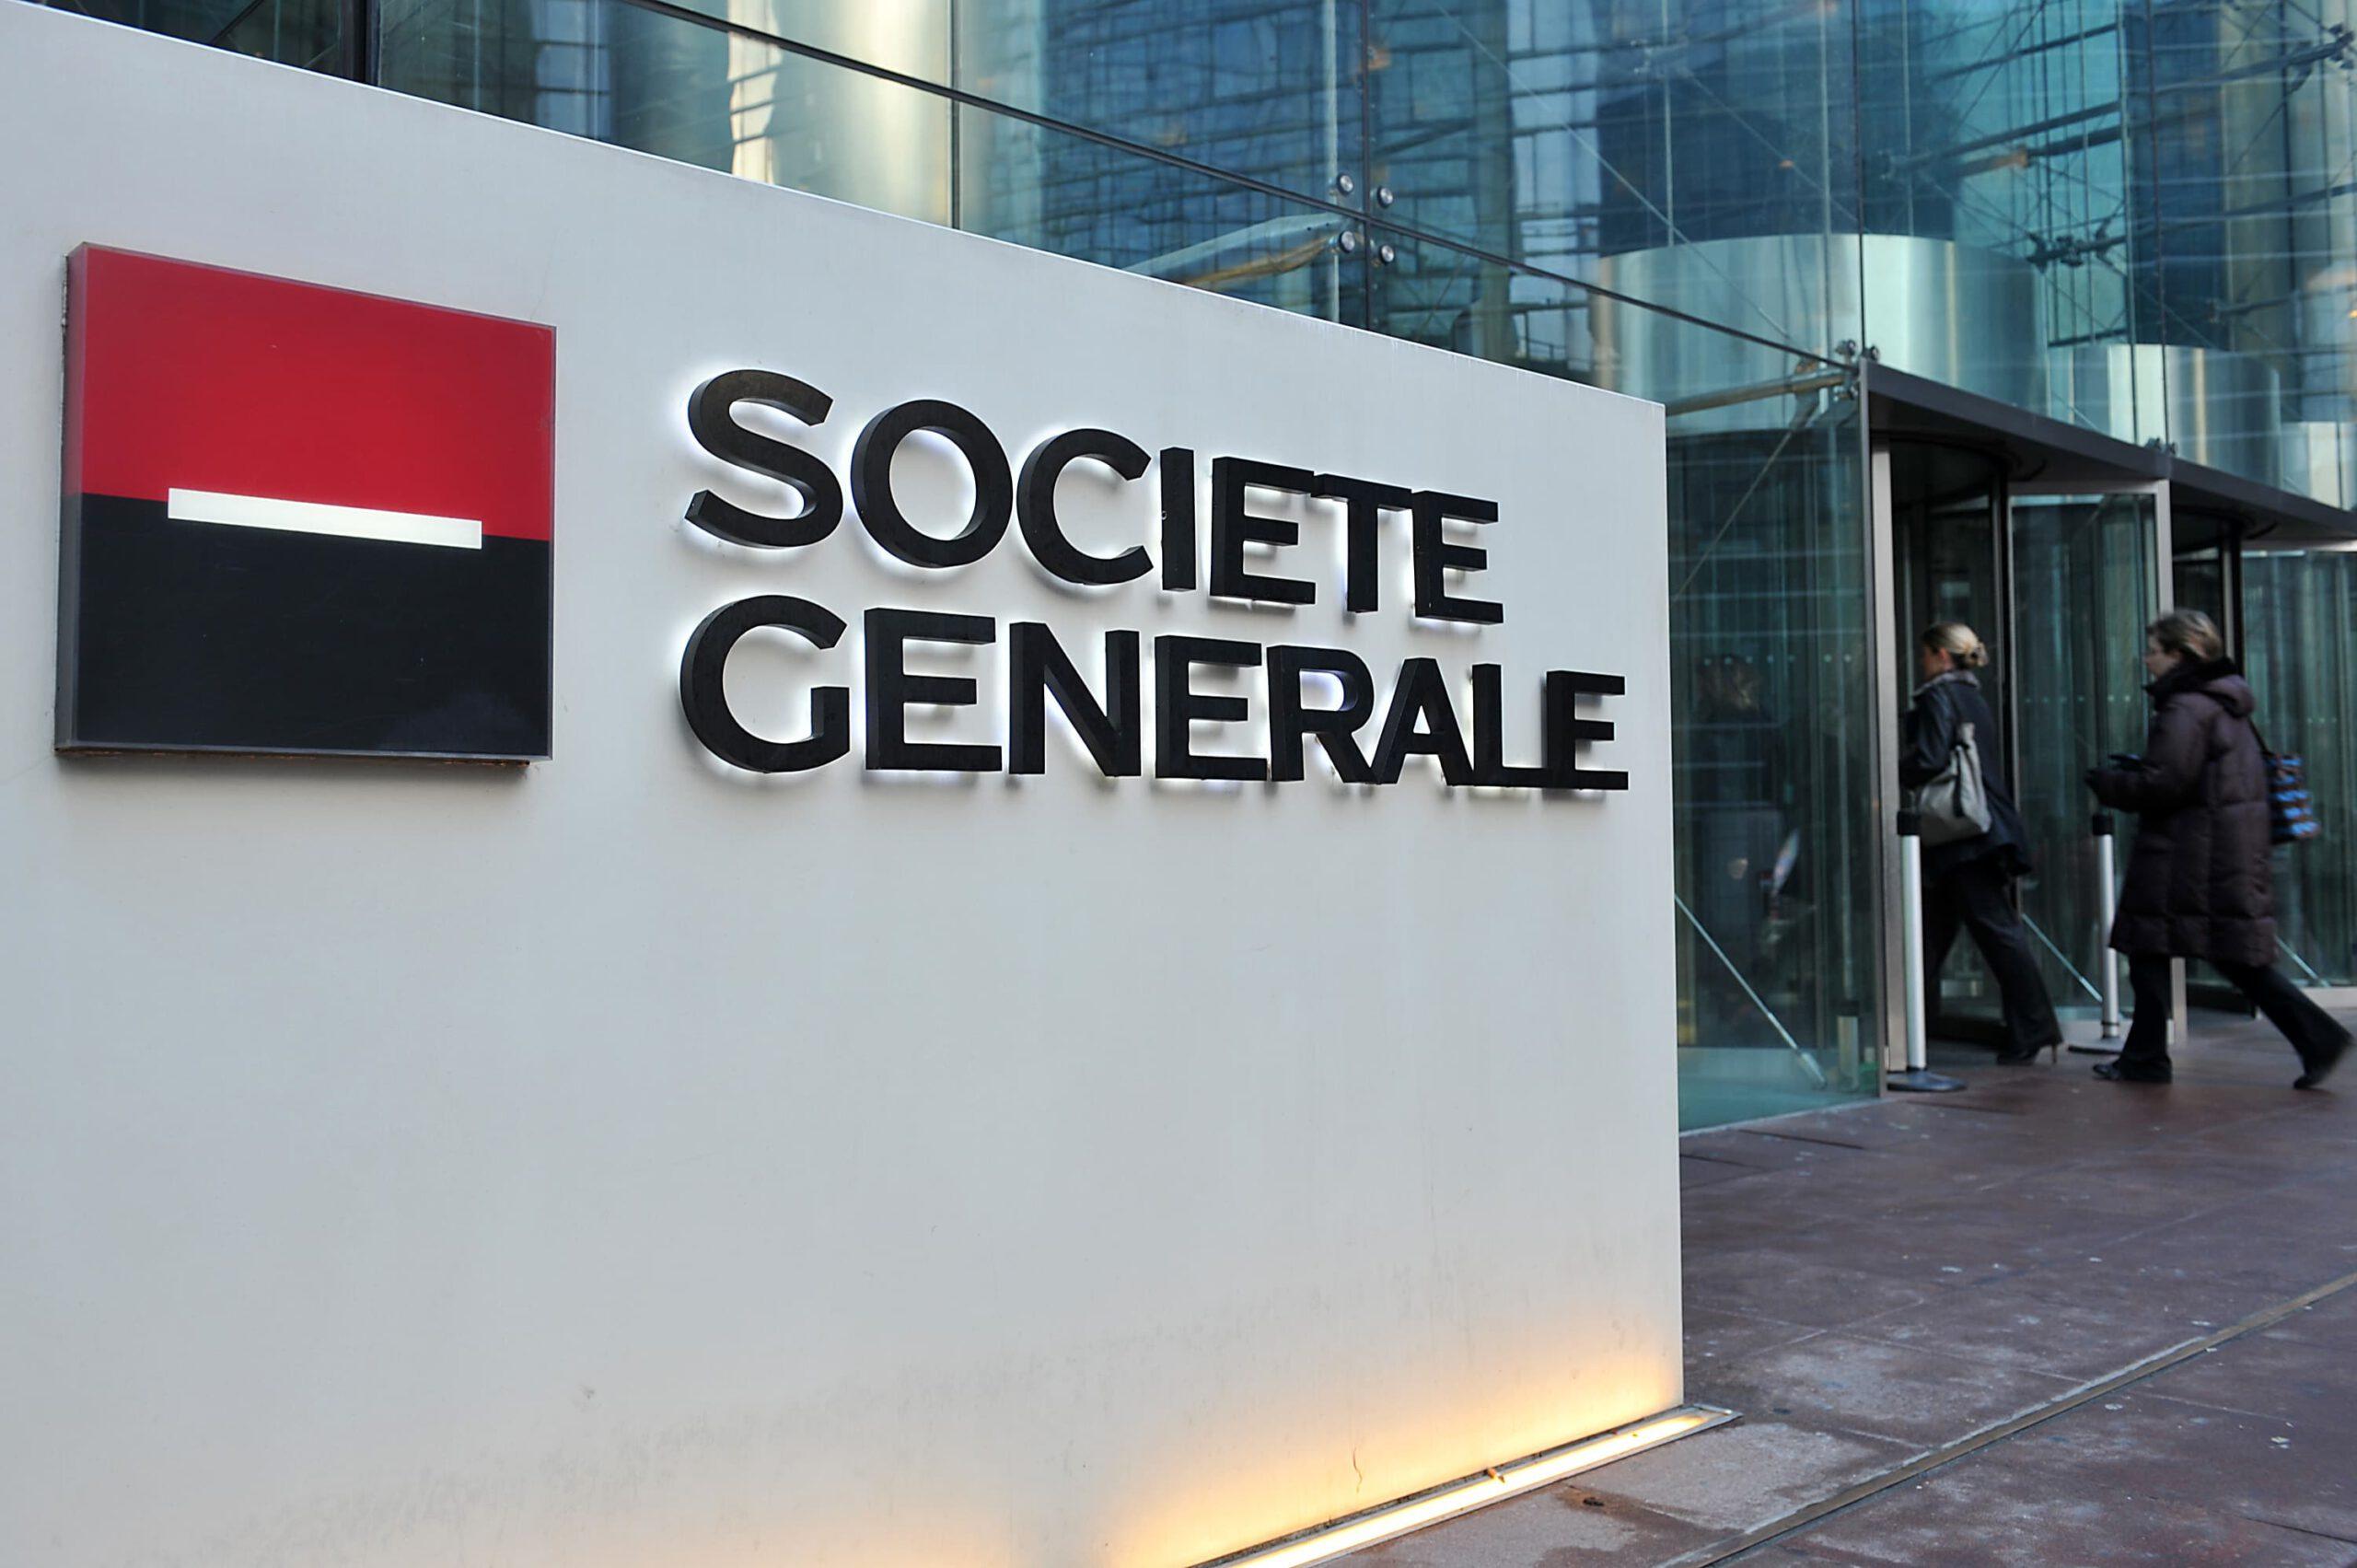 Lời trấn an từ Societe Generale: Giá vàng sẽ đạt đỉnh $2300 trong nửa đầu năm 2021